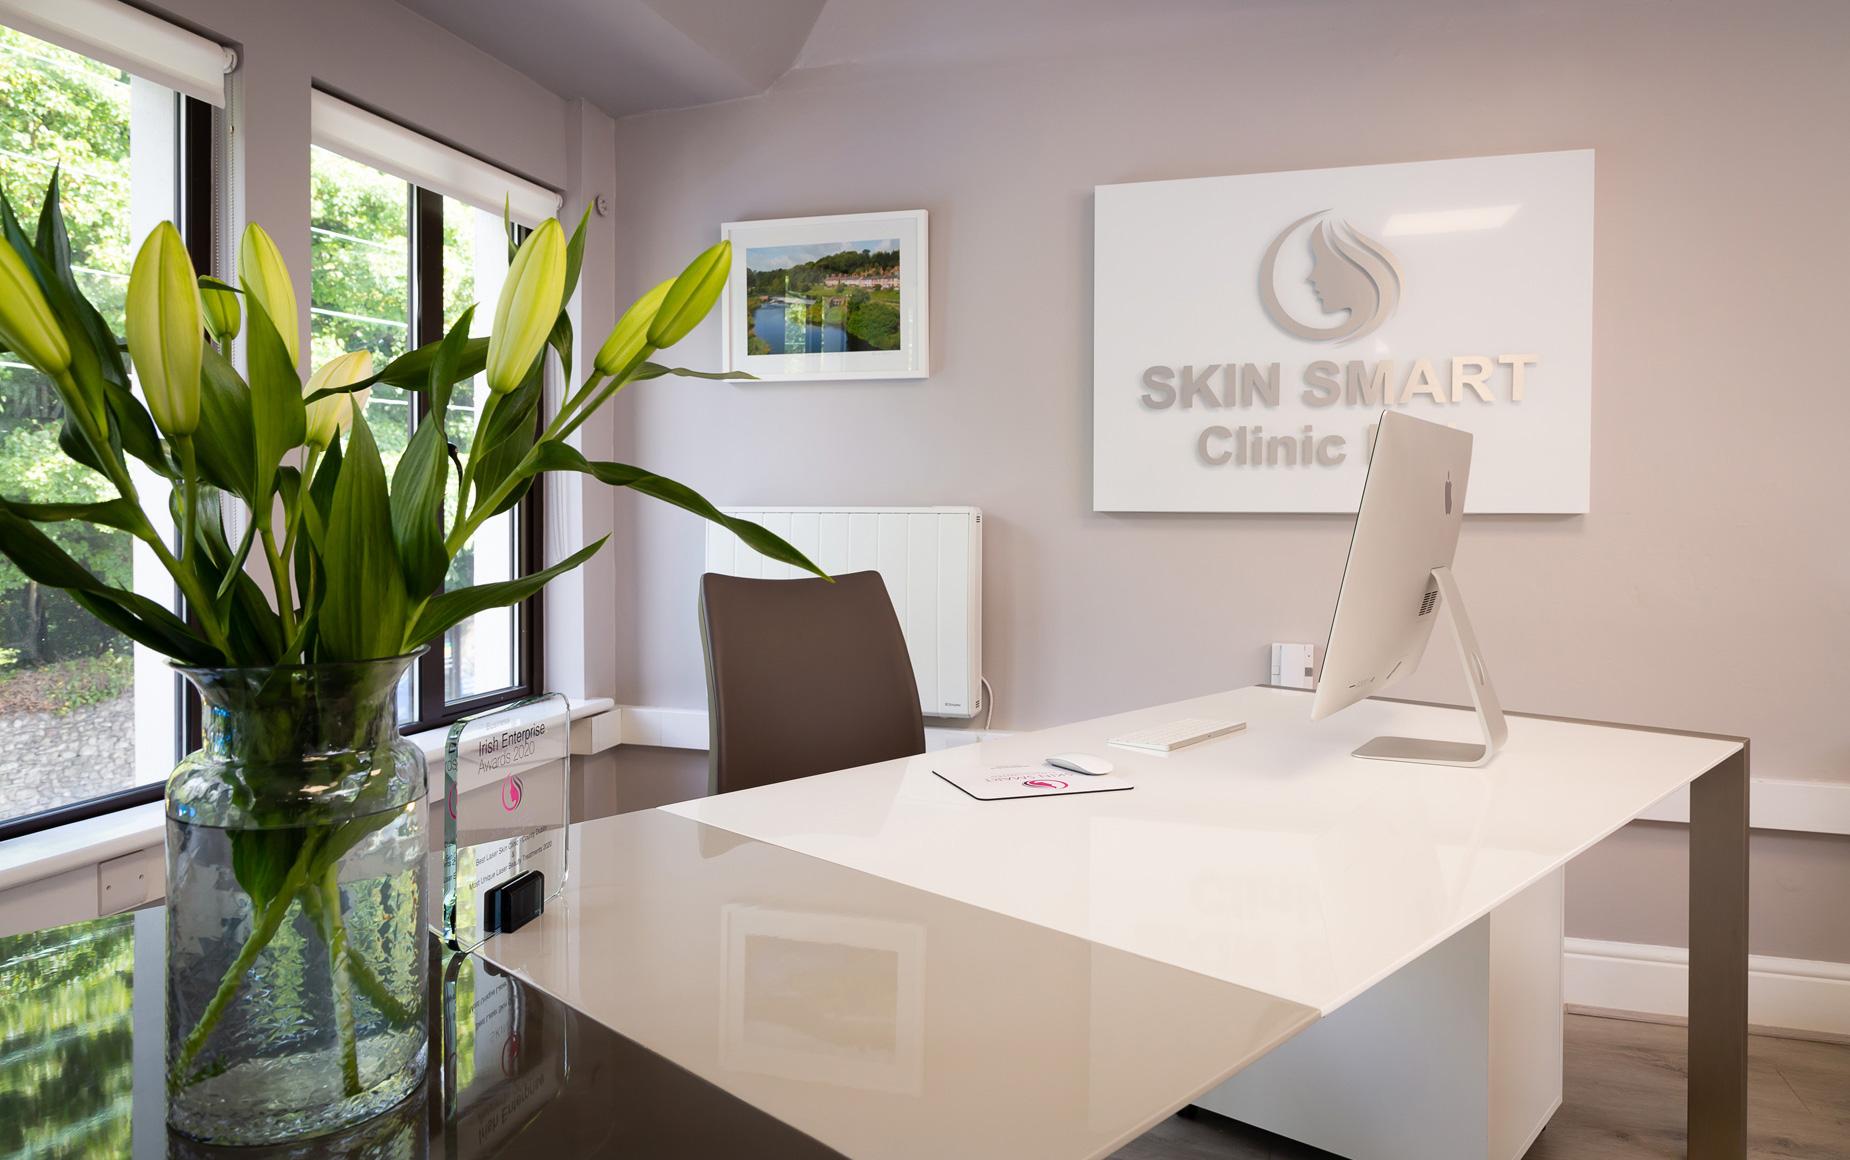 Practice consultation desk